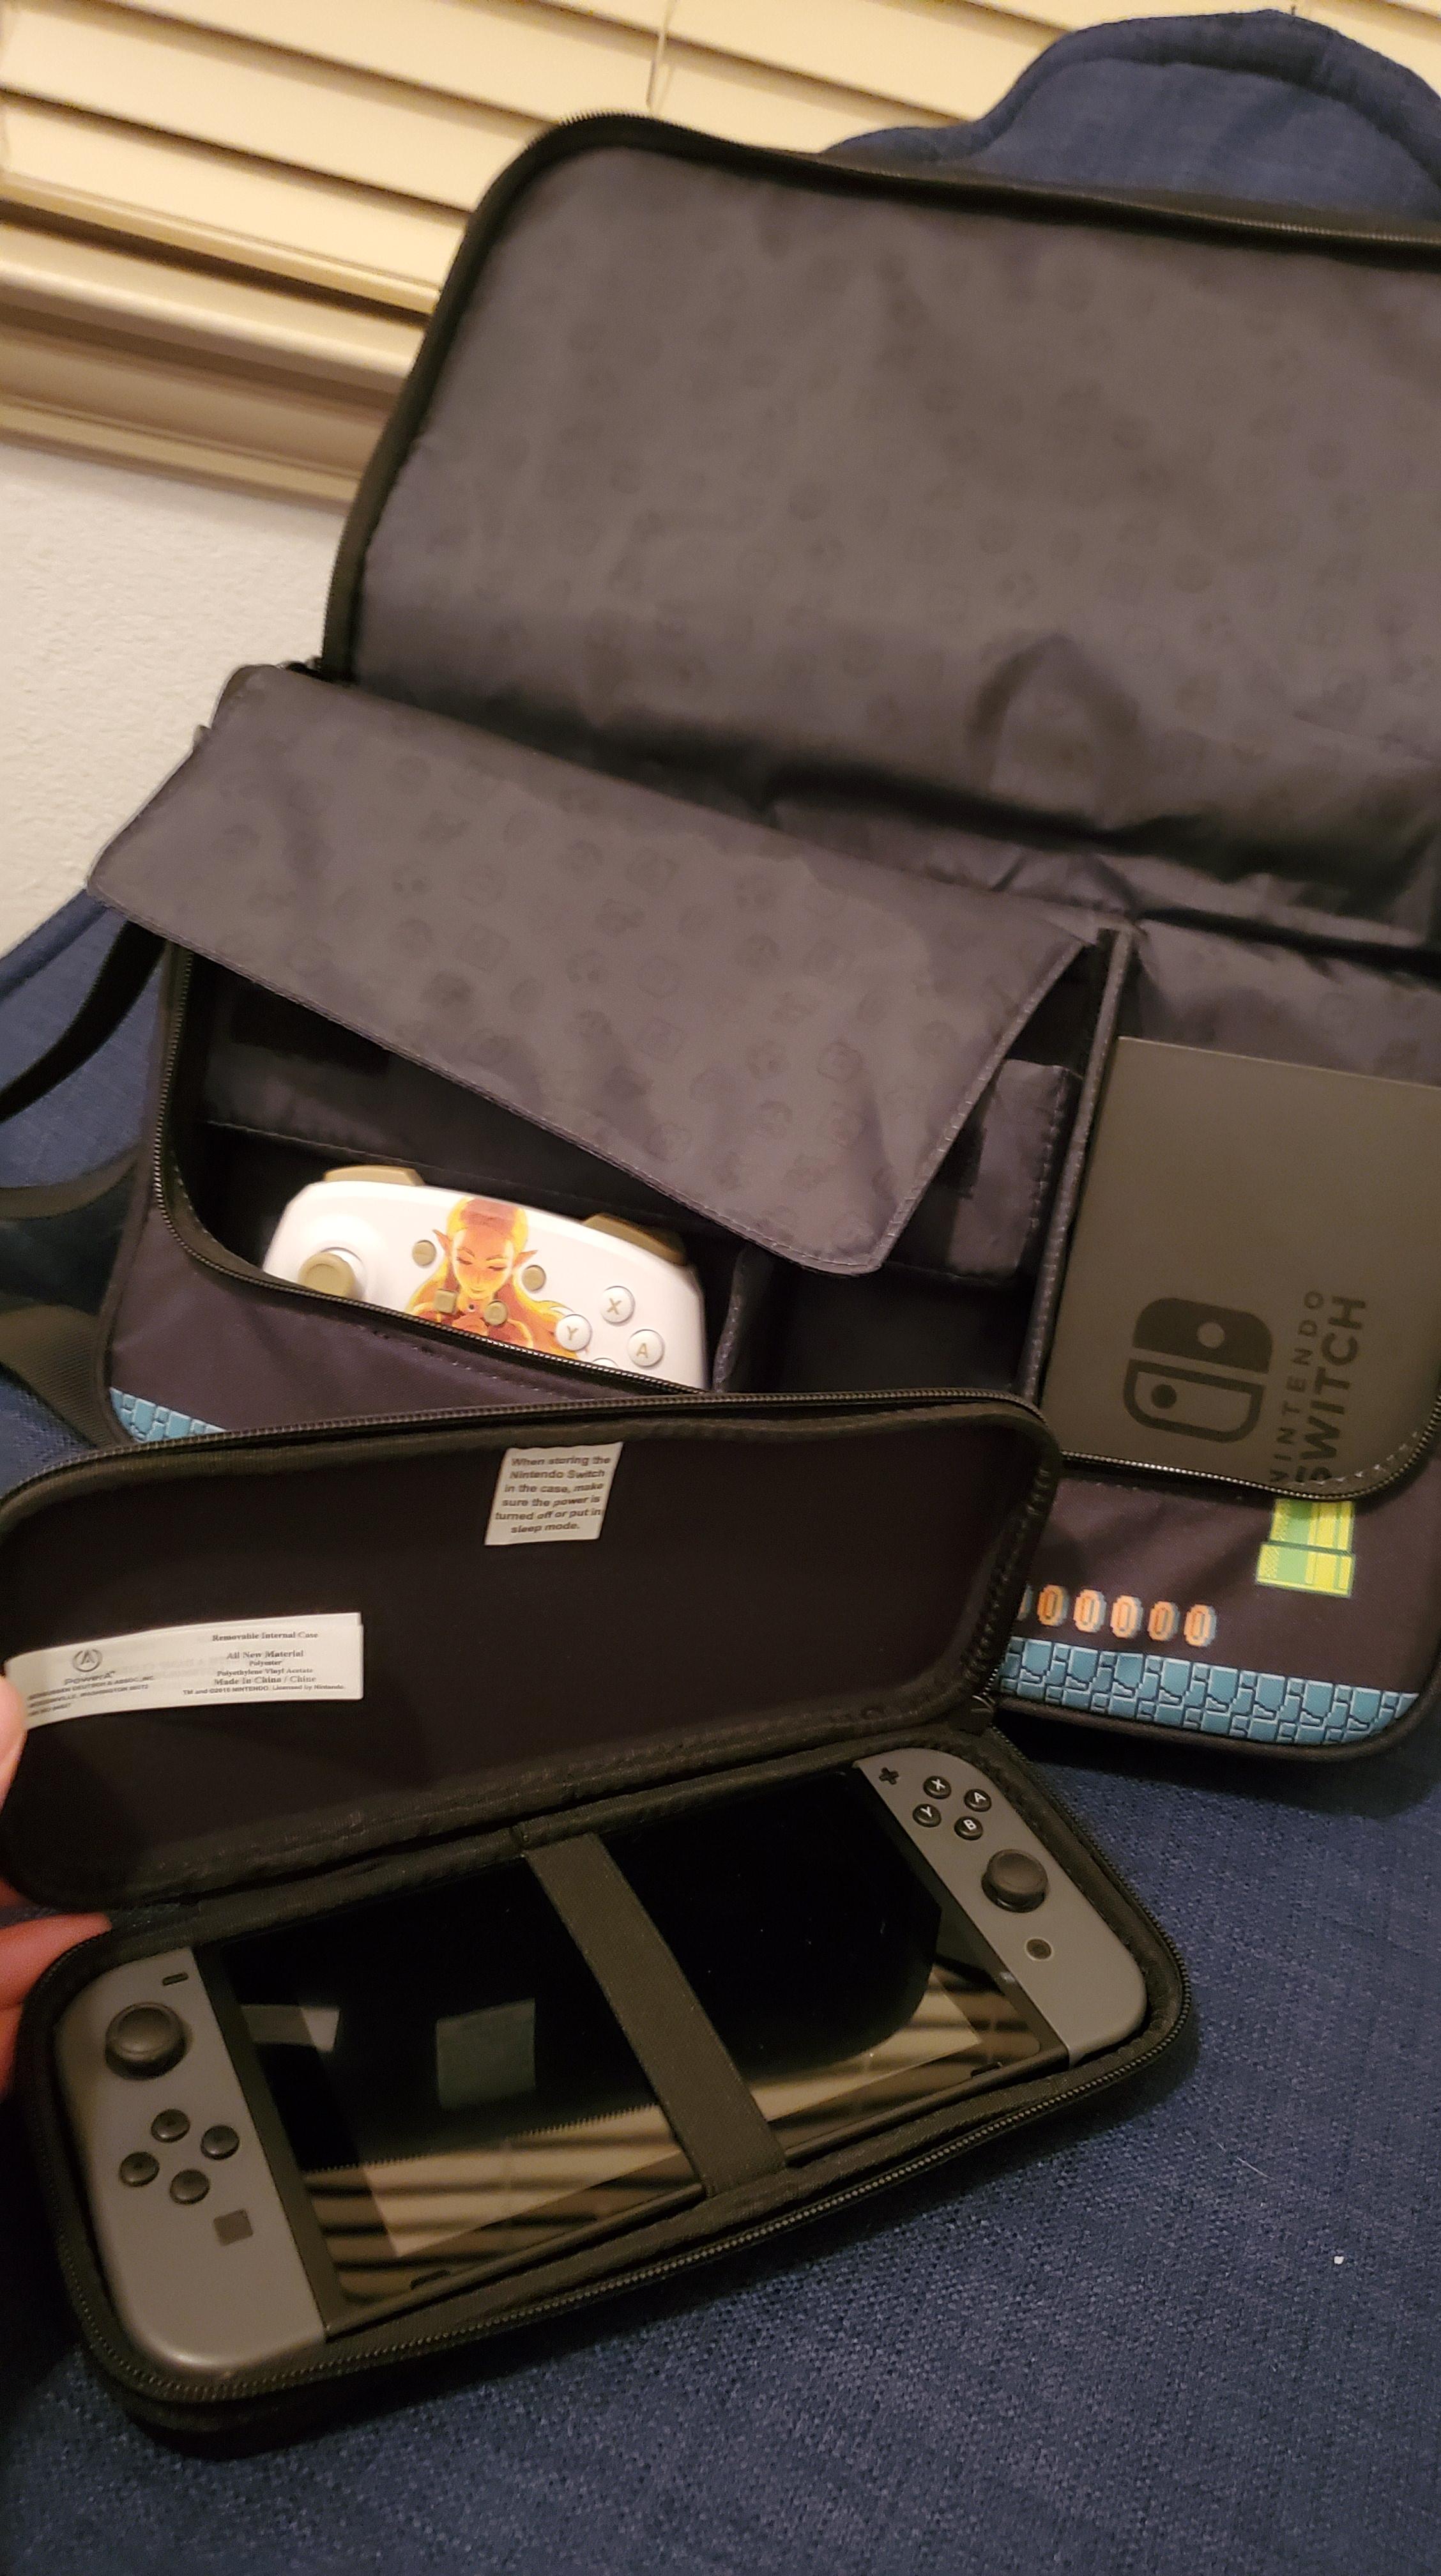 PowerA Everywhere Messenger Bag Super Mario Edition - Inside the bag